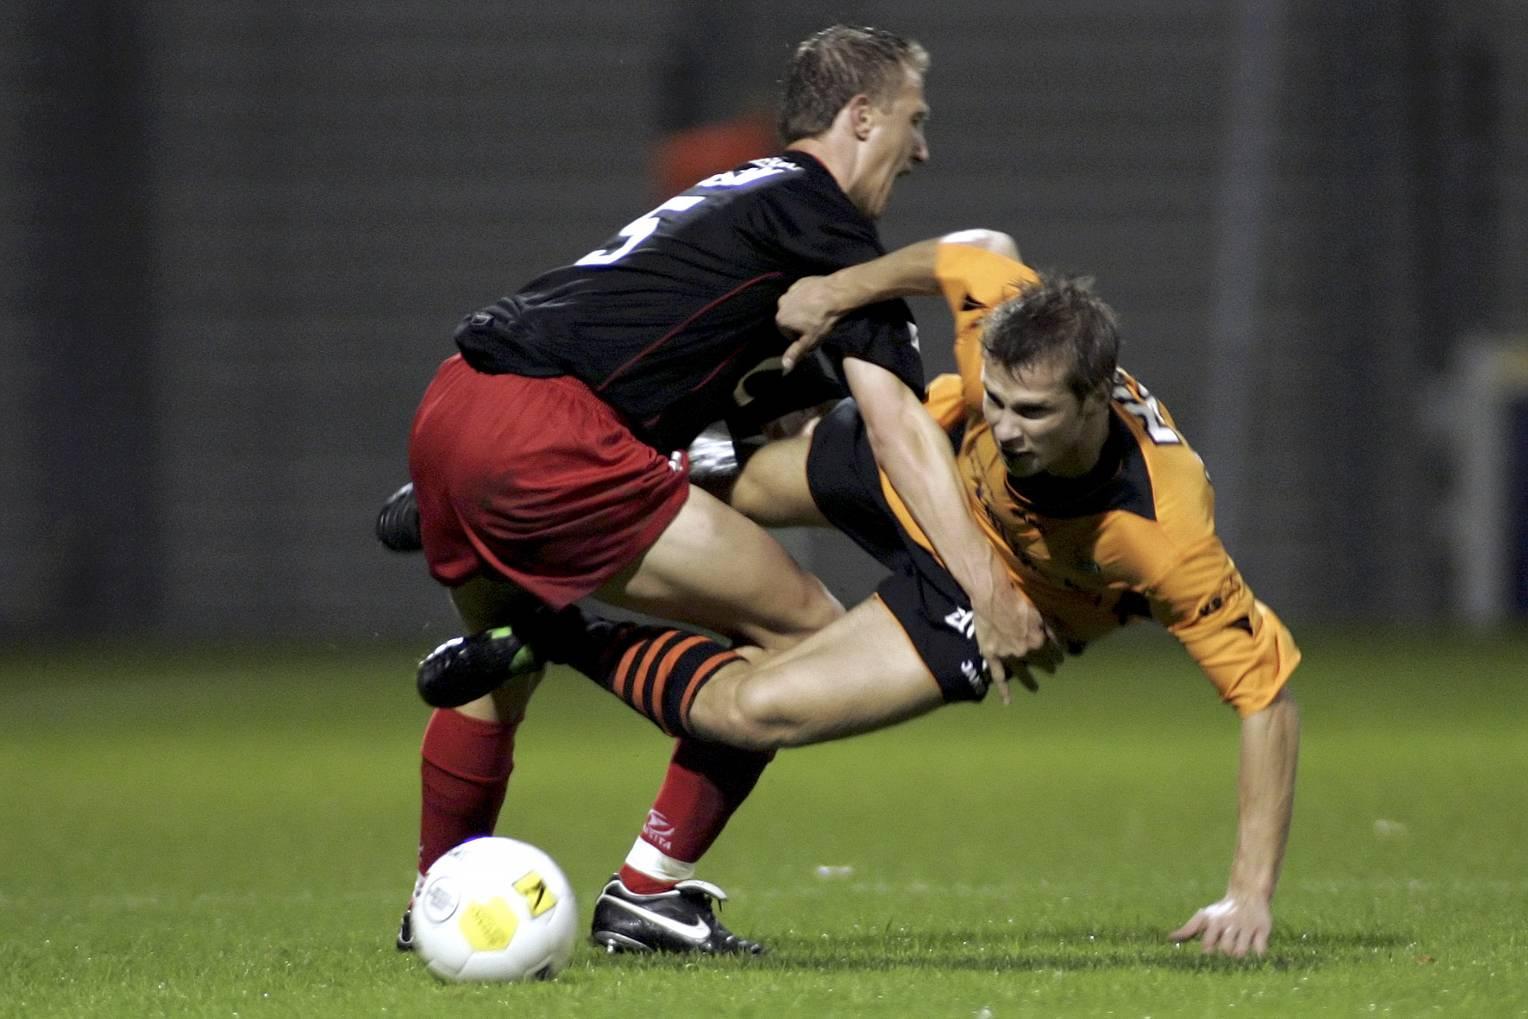 Altijd weer dat eigen doelpunt waardoor Volendam degradeerde. Modelprof Gerry Koning - nummer 46 in Top 50 Volendamse voetballers - verdient het beter te worden herinnerd [video]